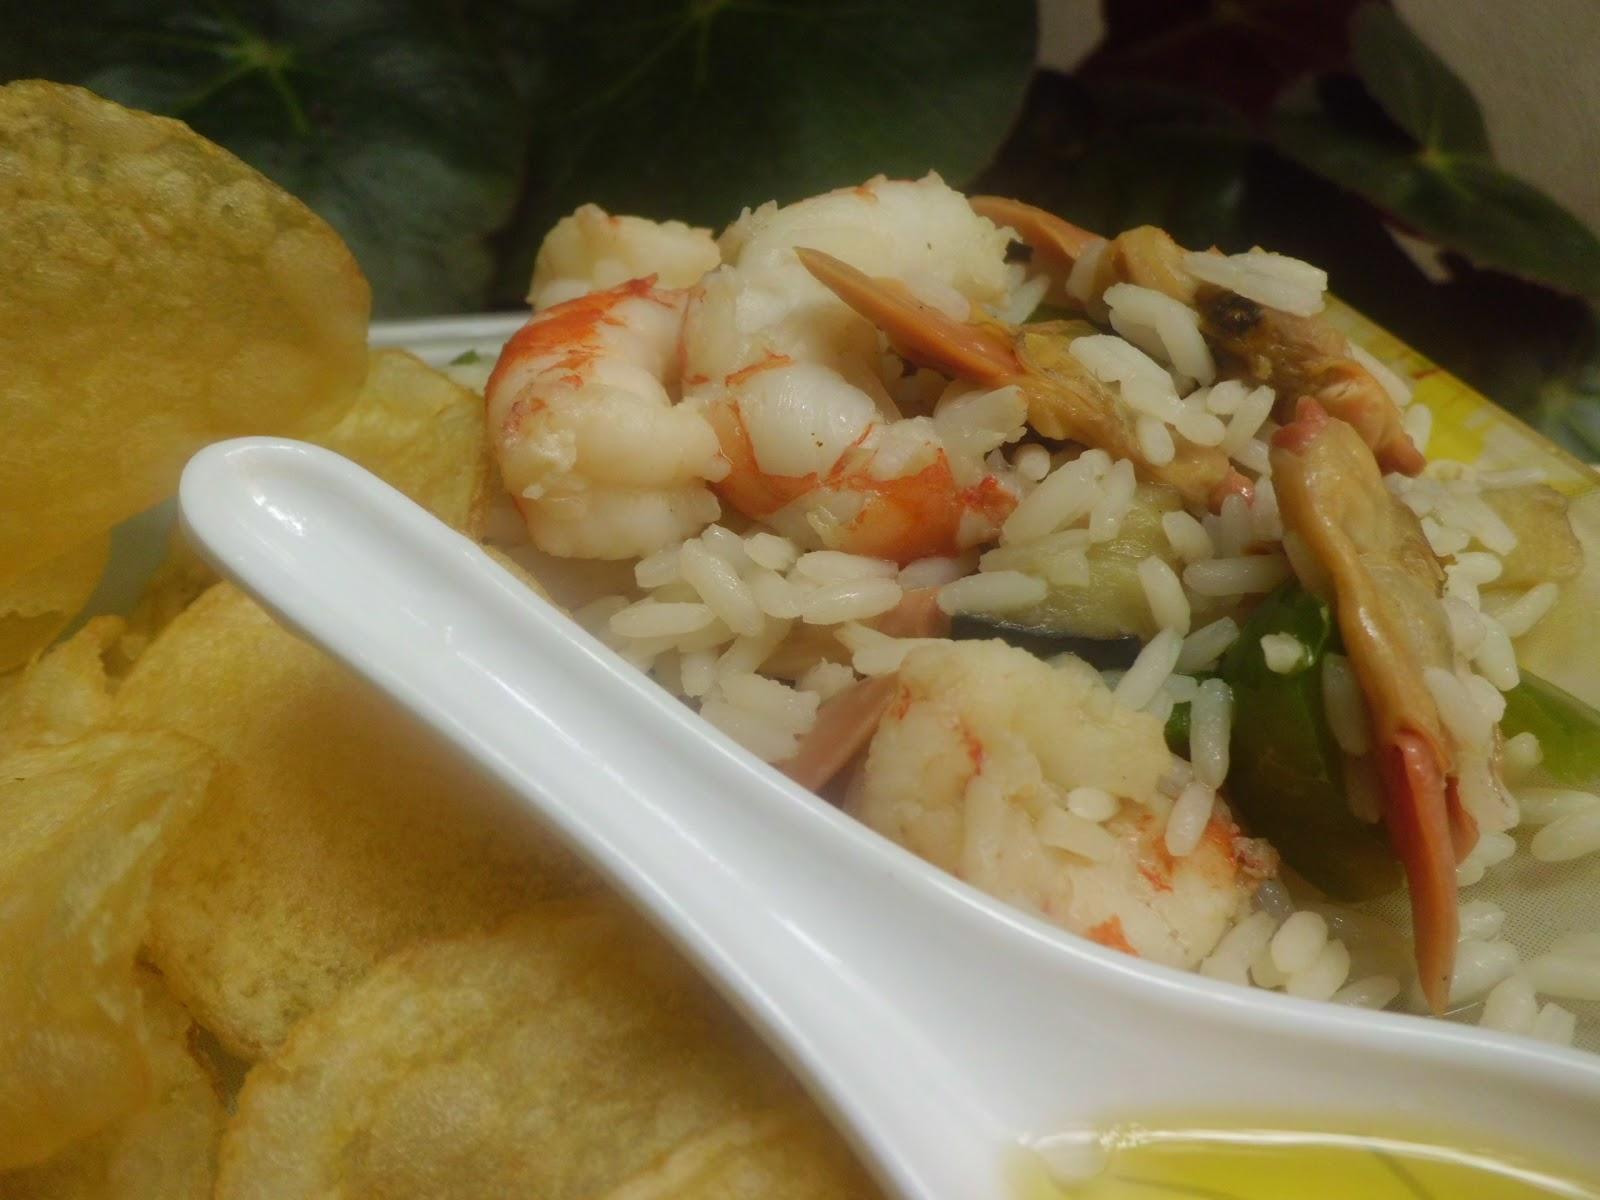 Mi adorable cocina arroz delicias con gambas y almejas - Arroz con gambas y almejas ...